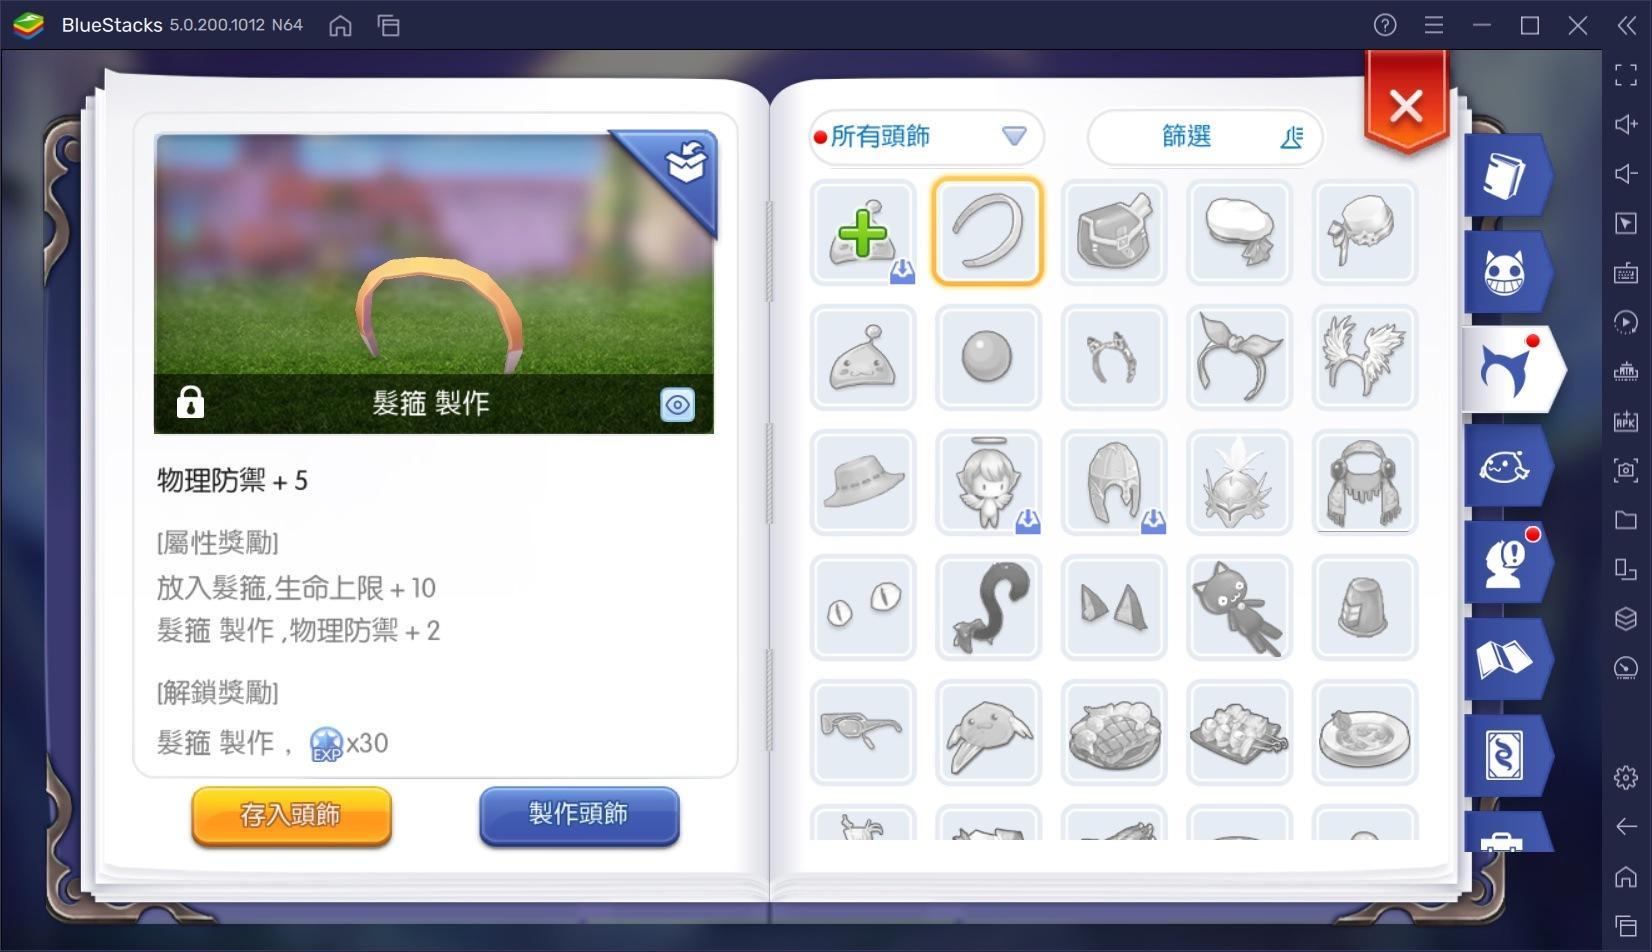 如何用BlueStacks在電腦上玩仙境MMORPG手遊 《仙境傳說:普隆德拉迷宮》